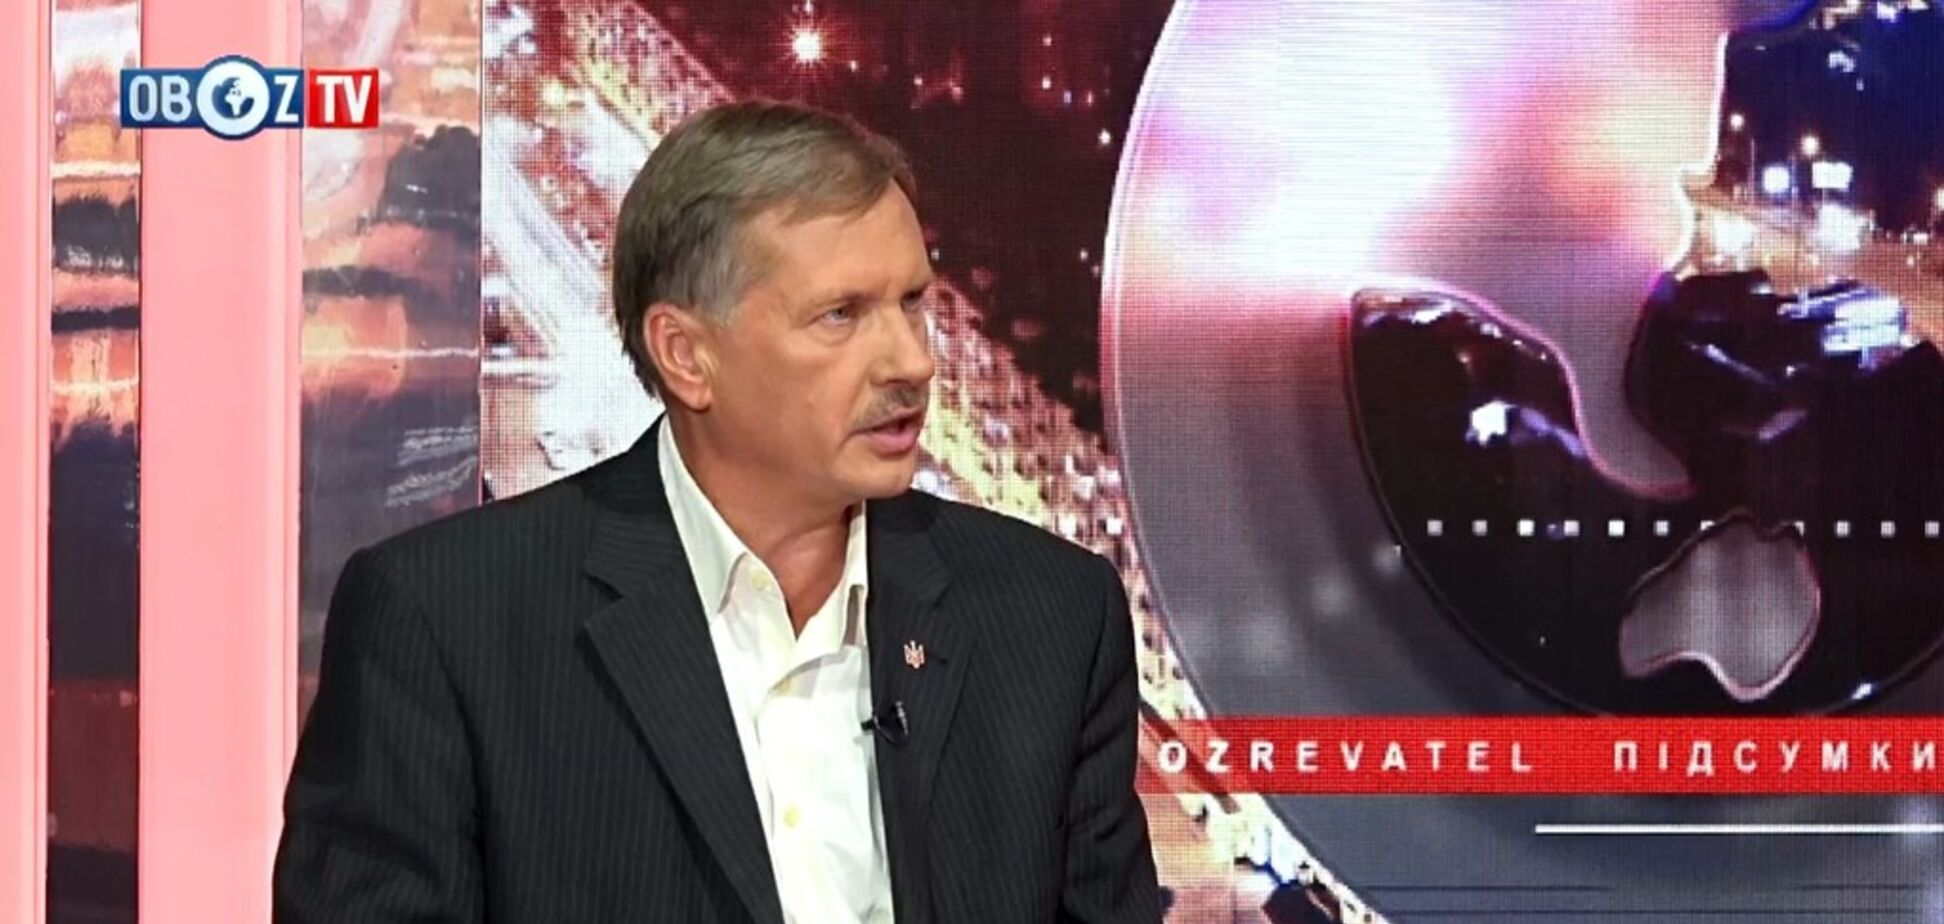 Ця політична криза може перетворитись у катастрофу: Тарас Чорновіл